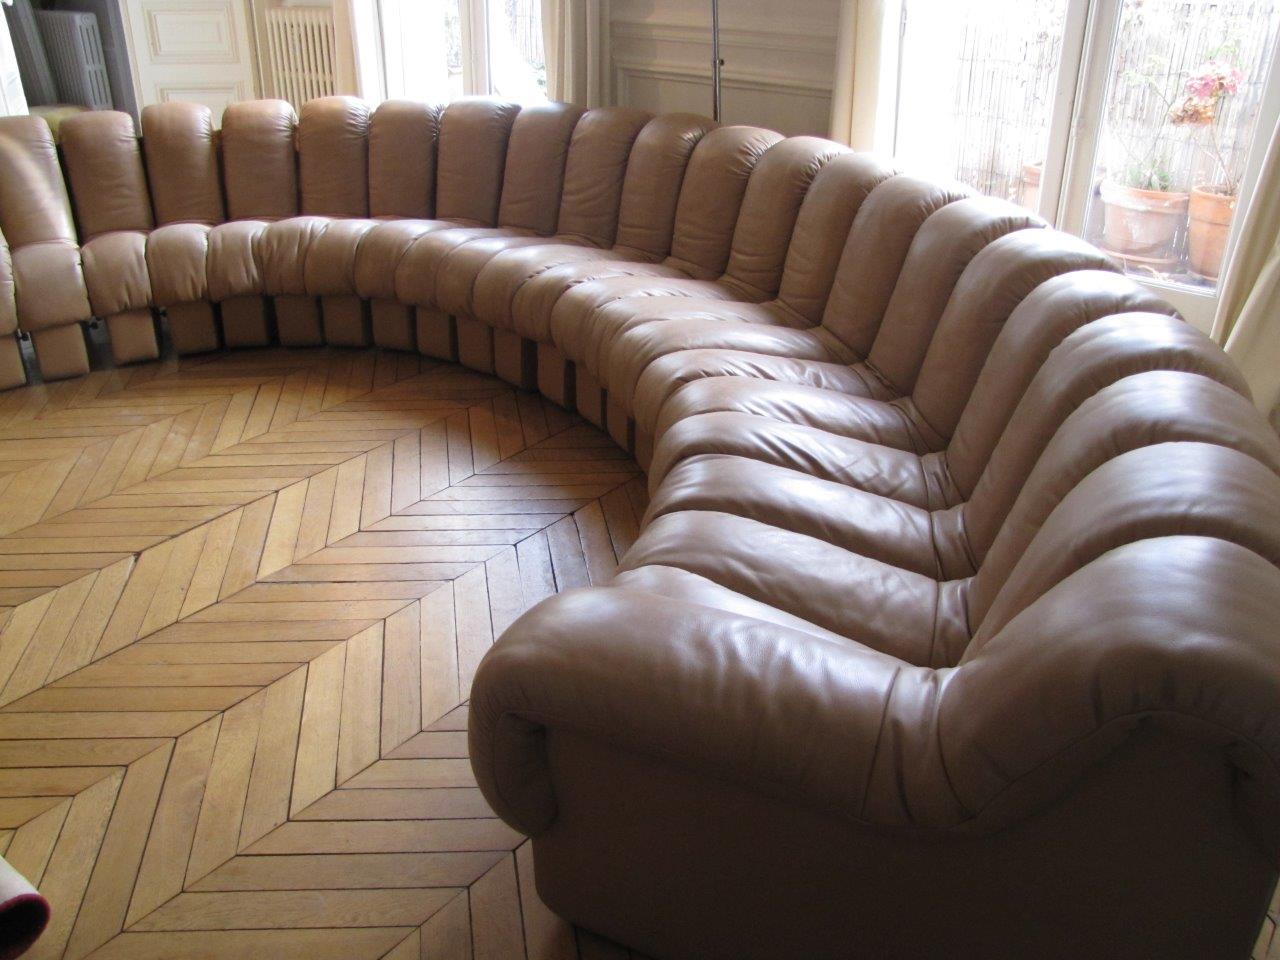 Canapé DS600, cuir naturel, 23 éléments - édition de Sede